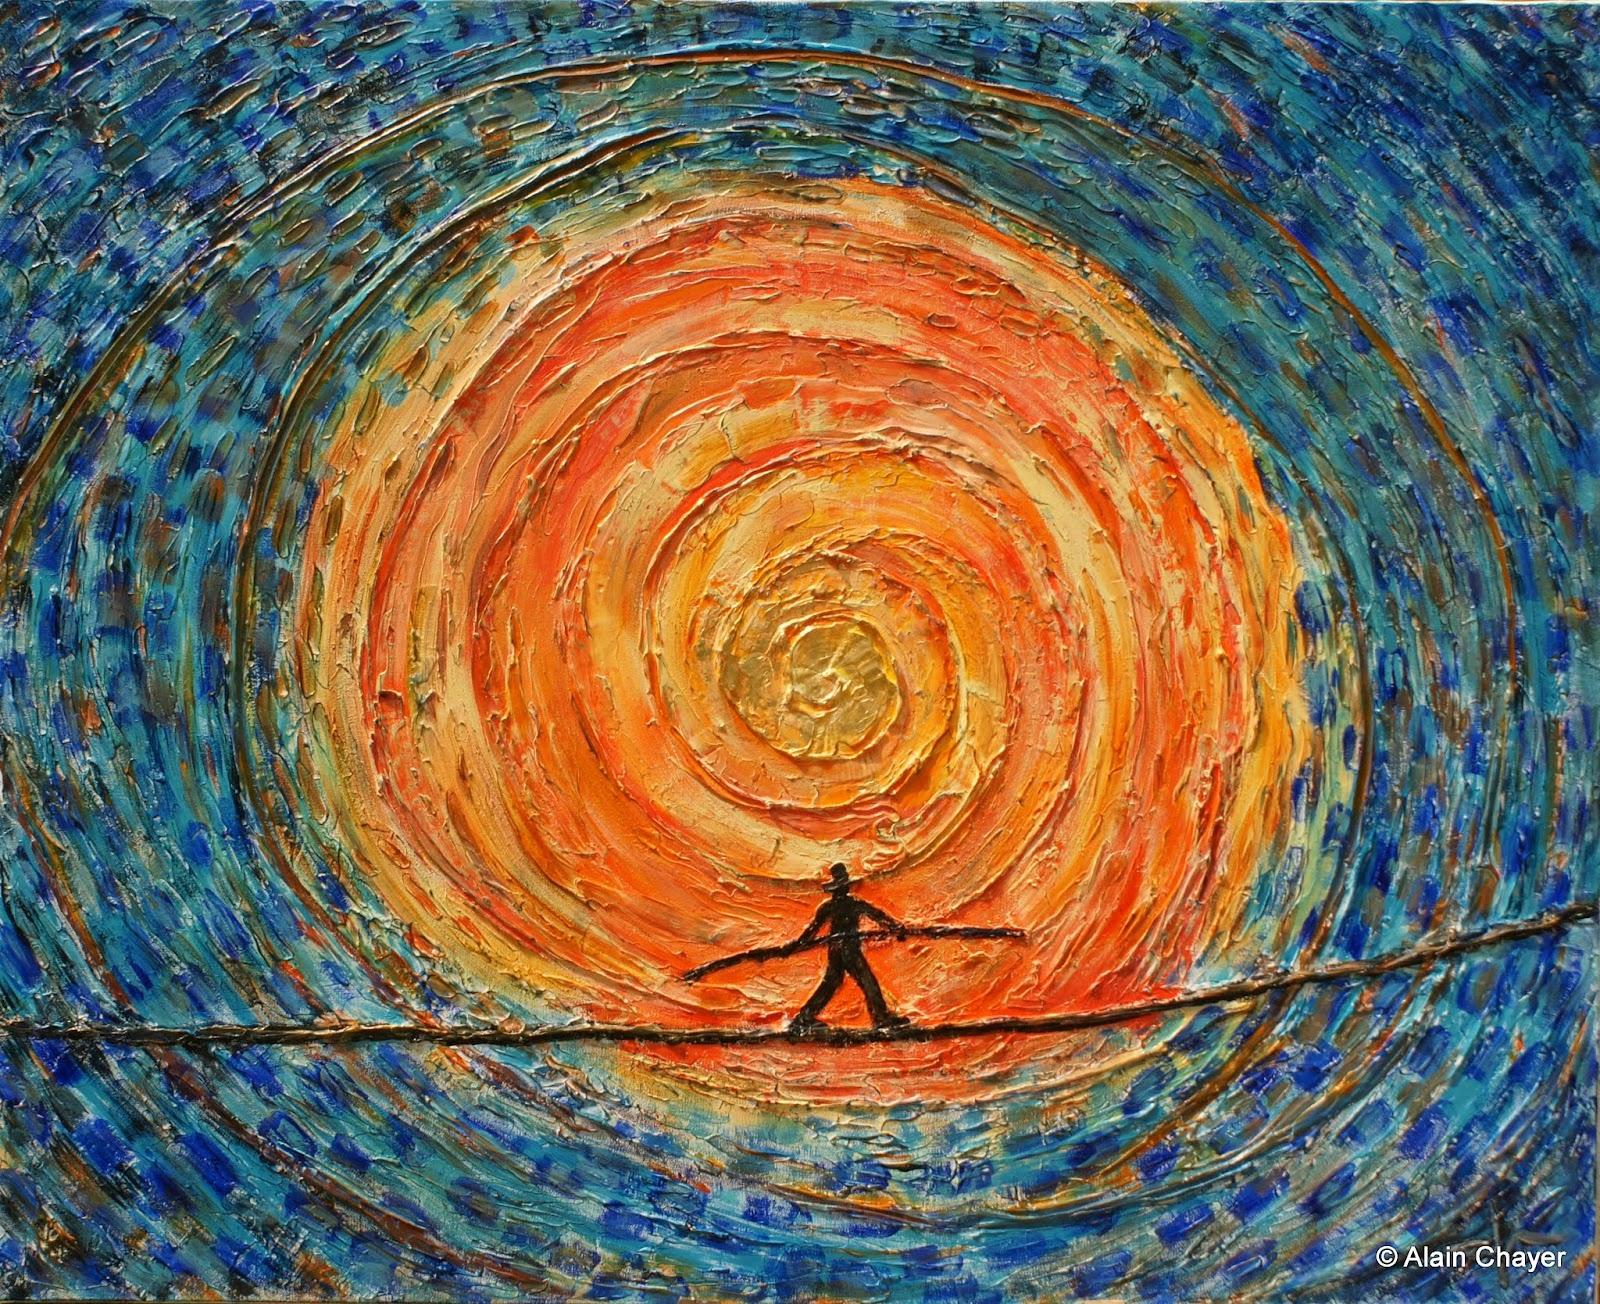 232 - Le Retour du Funambule - 2011100 x 81 - Acrylique, or, sur toile